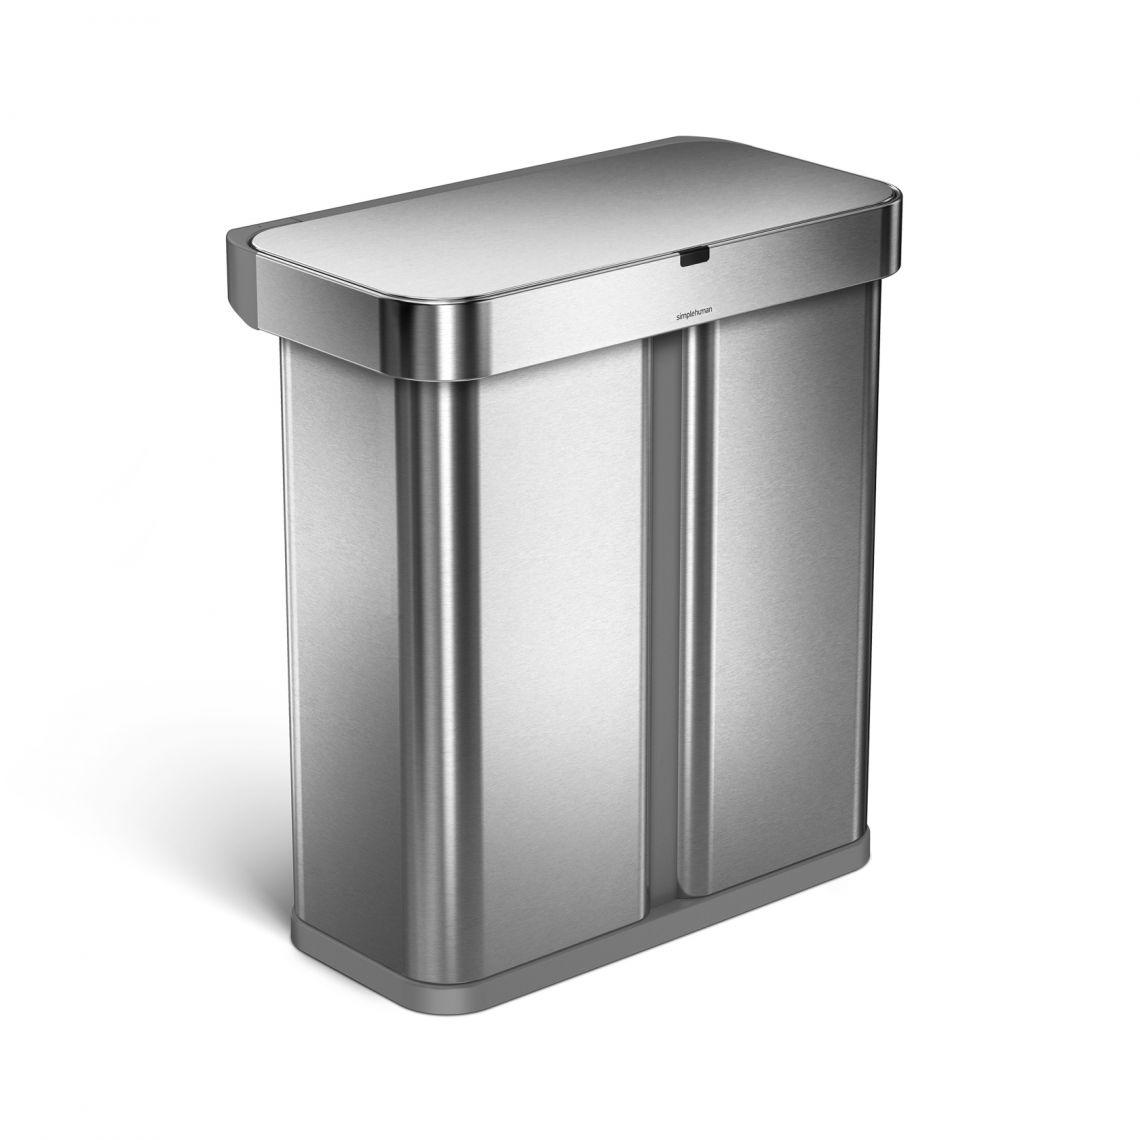 Bezdotykový odpadkový koš Simplehuman s hlasovým a pohyb.sensorem, 58 L, nerez, adaptér